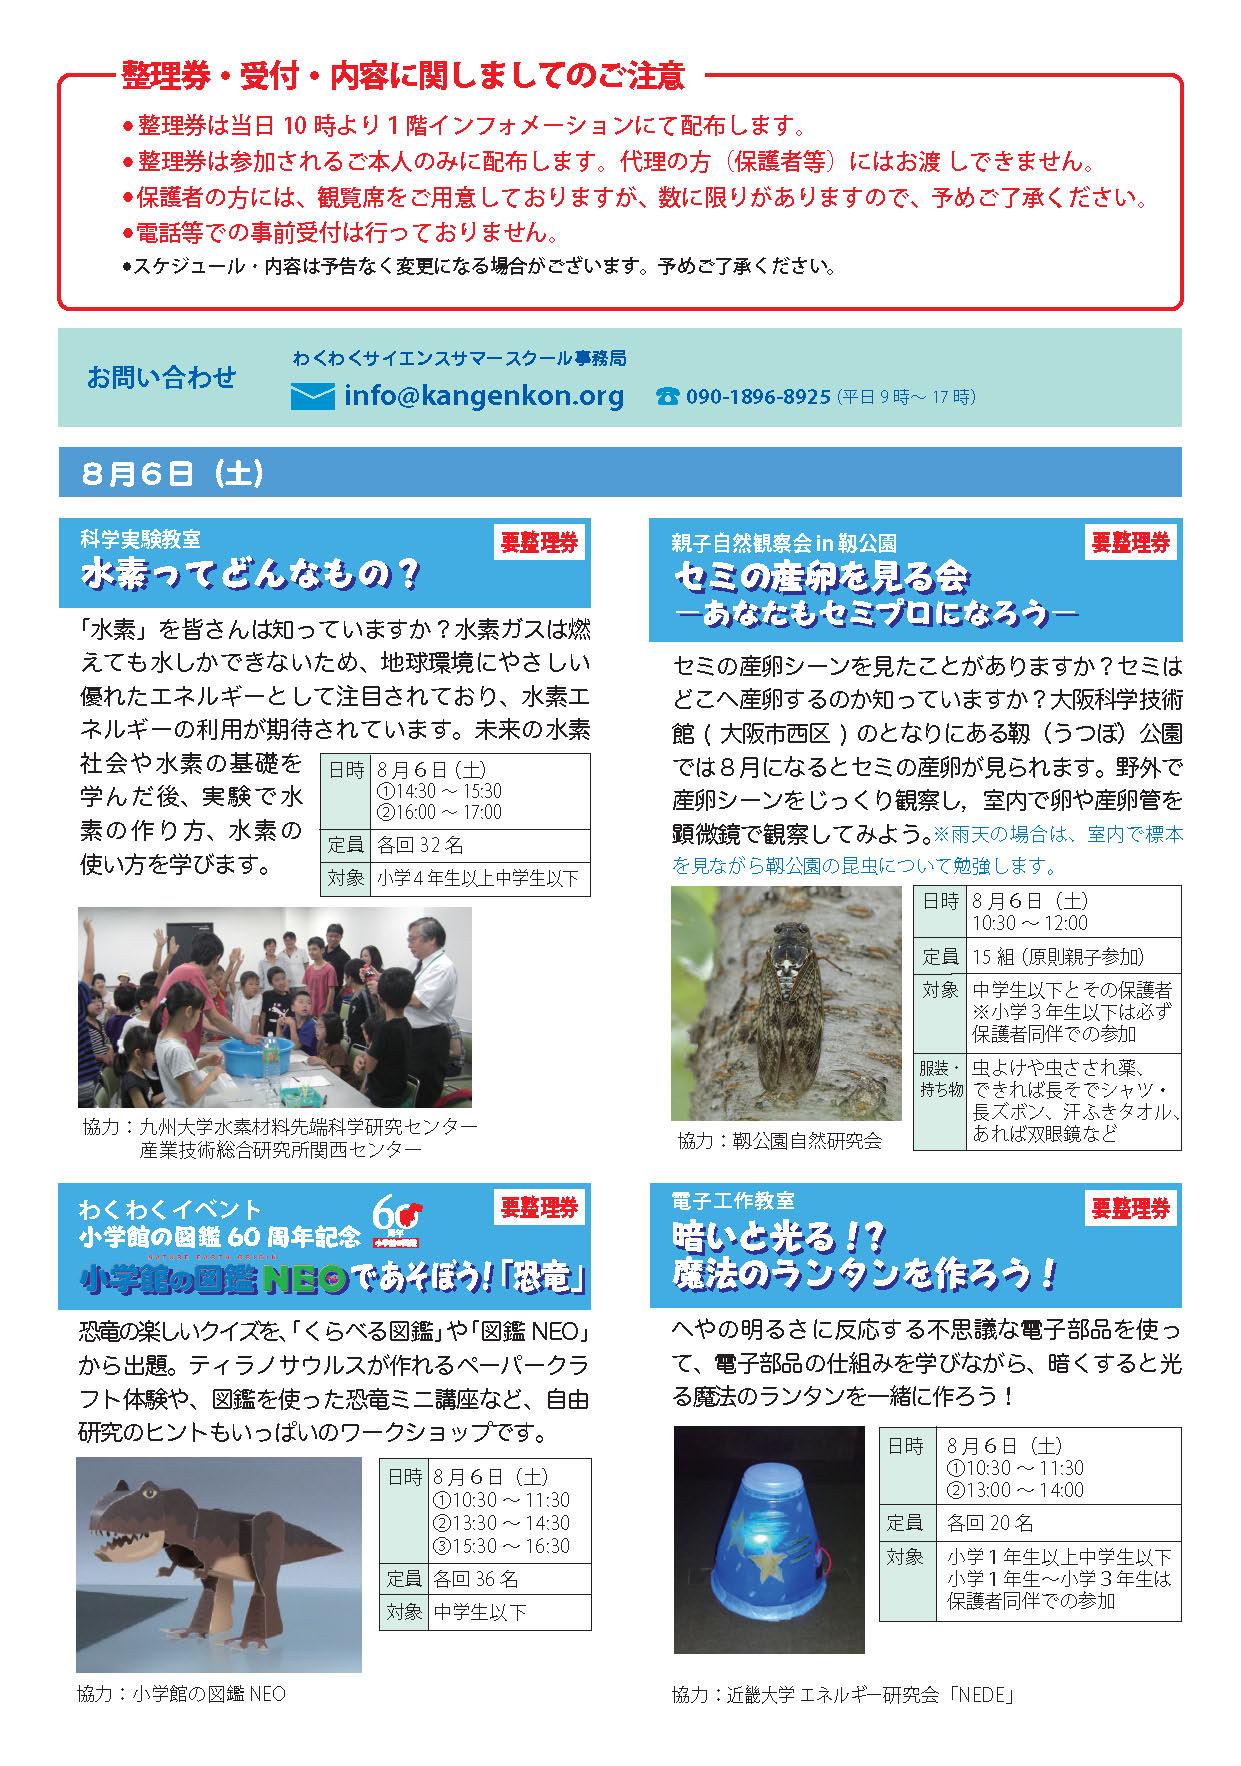 science_summer_school_2016_2.jpg